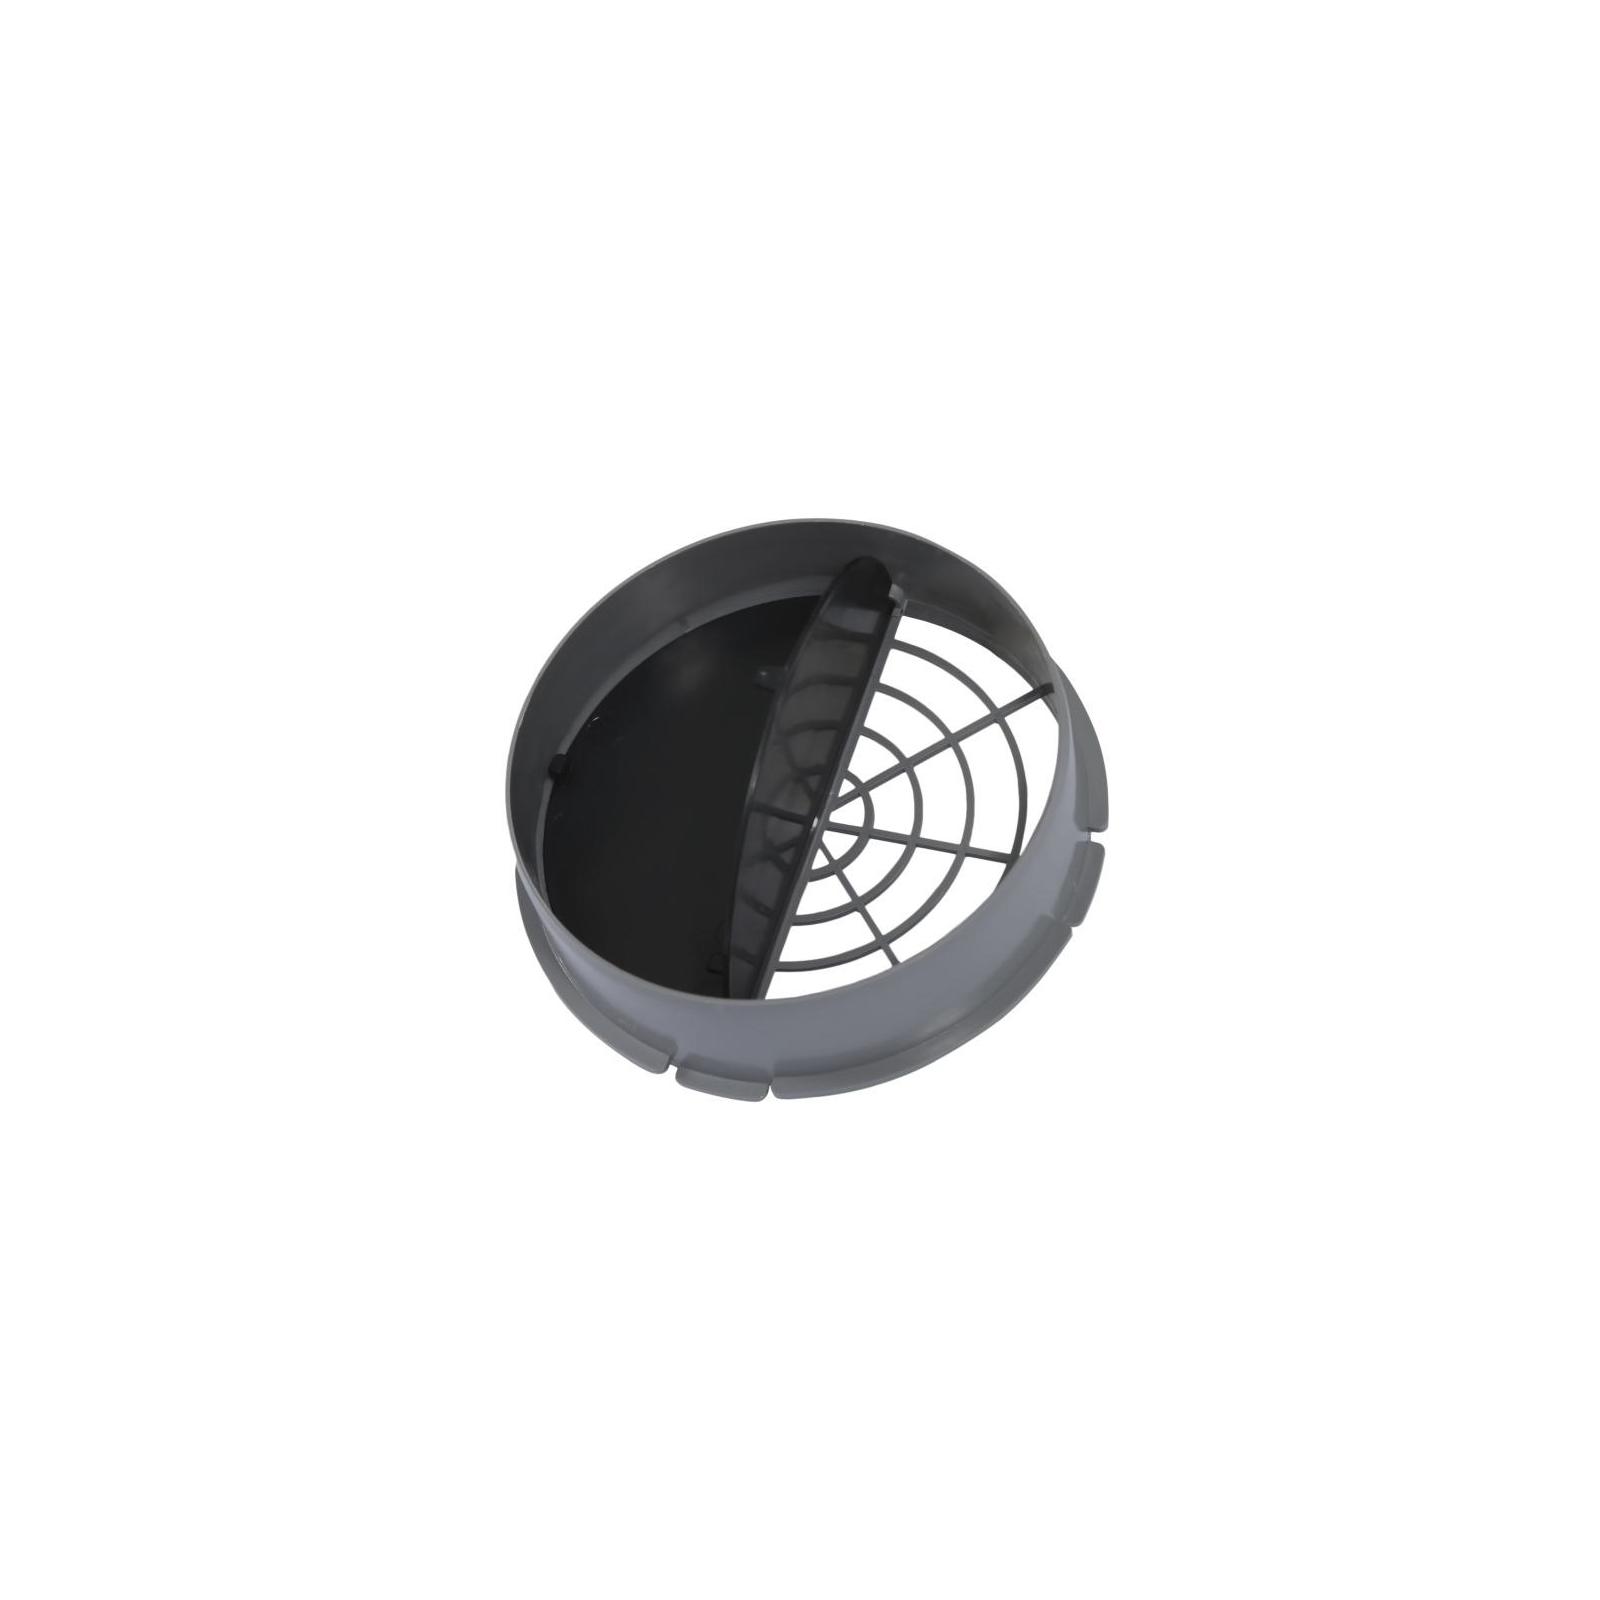 Вытяжка кухонная PERFELLI PG 6192 A 550 BL LED GLASS изображение 6